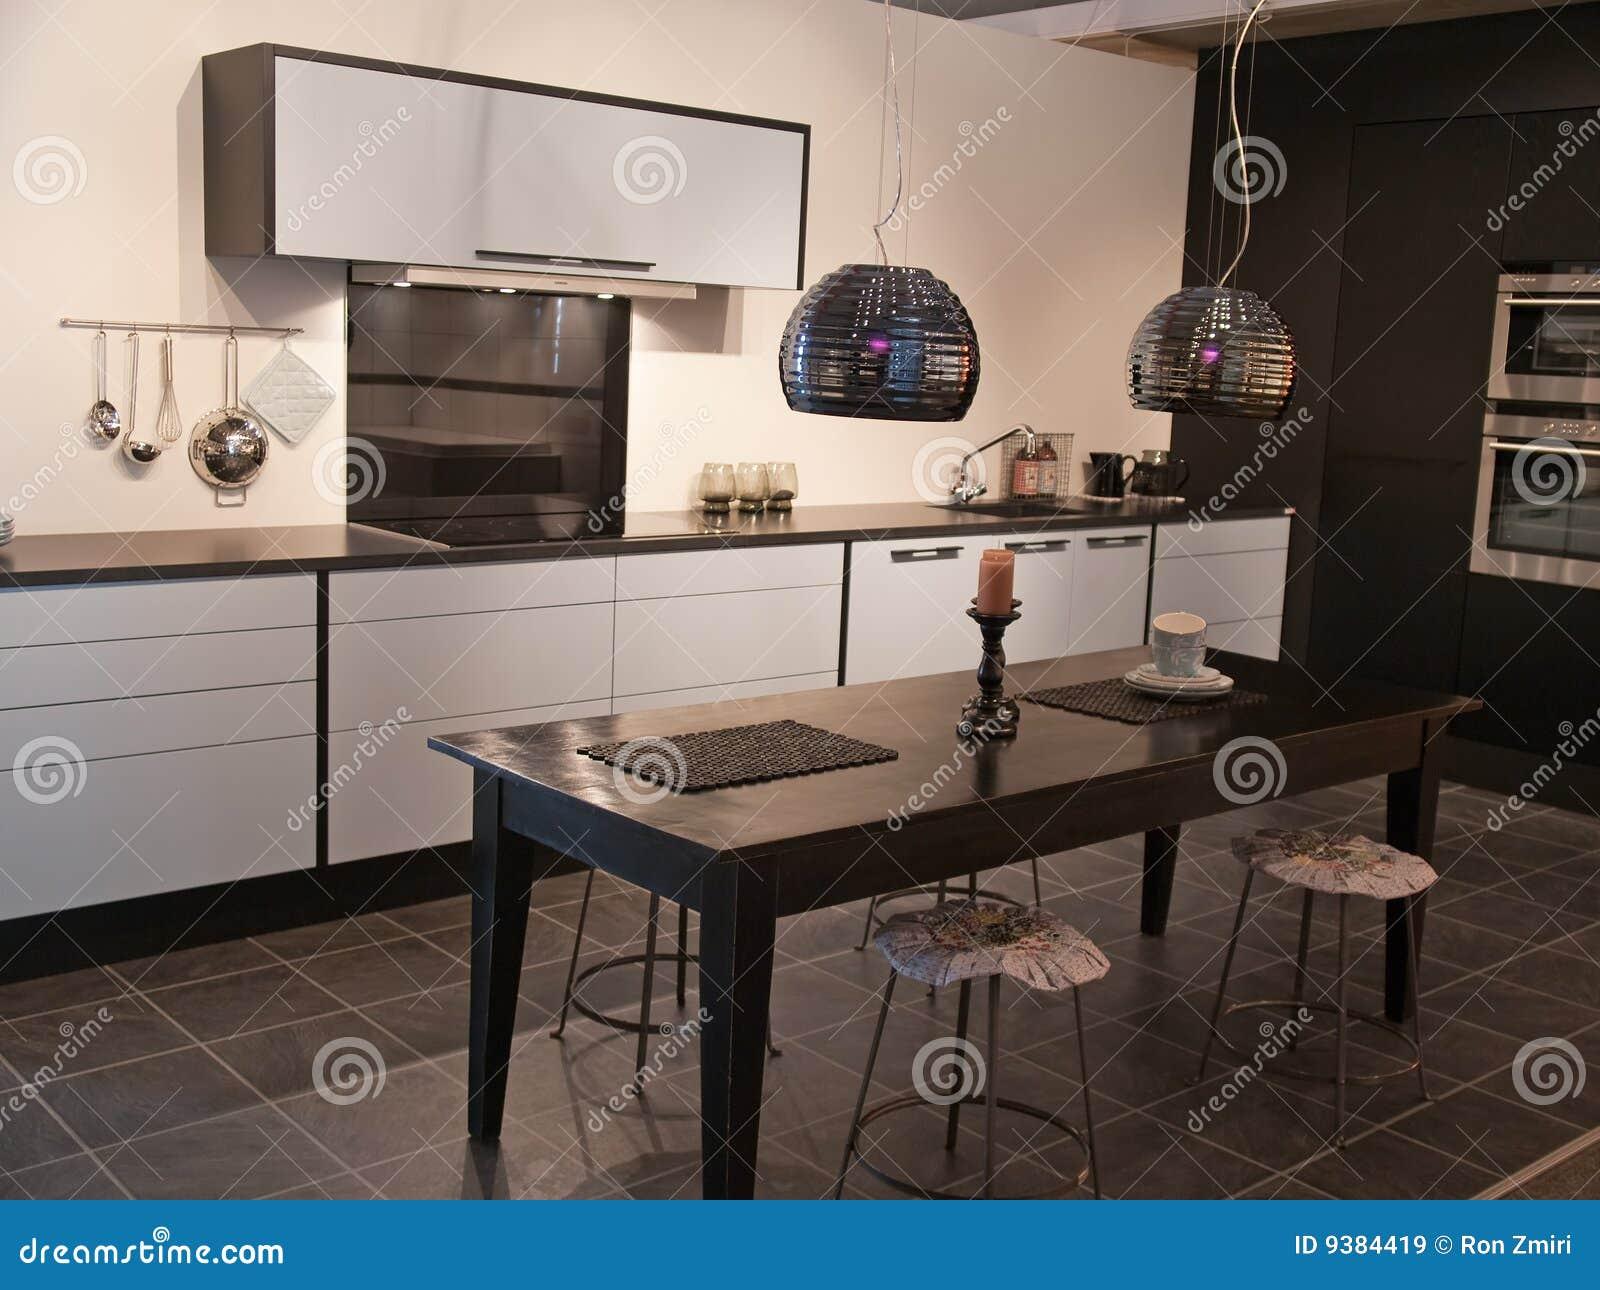 blanc dernier cri moderne de cuisine noire de conception image stock image du modules diner. Black Bedroom Furniture Sets. Home Design Ideas